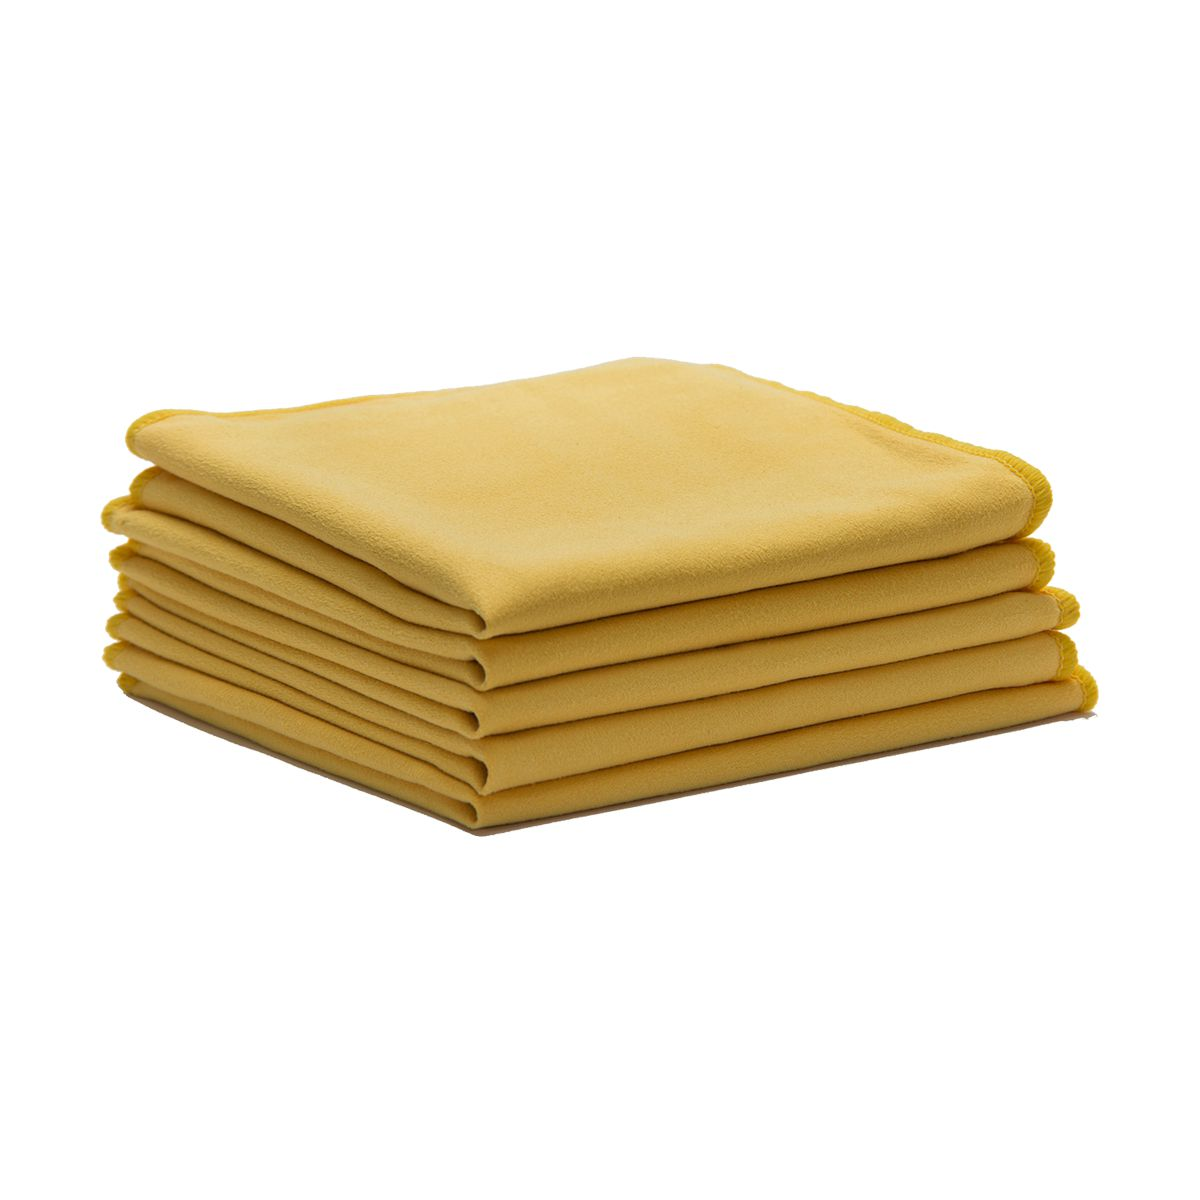 Pano do pó de flanela de qualidade extra laranja 50x50cm (pack 4)